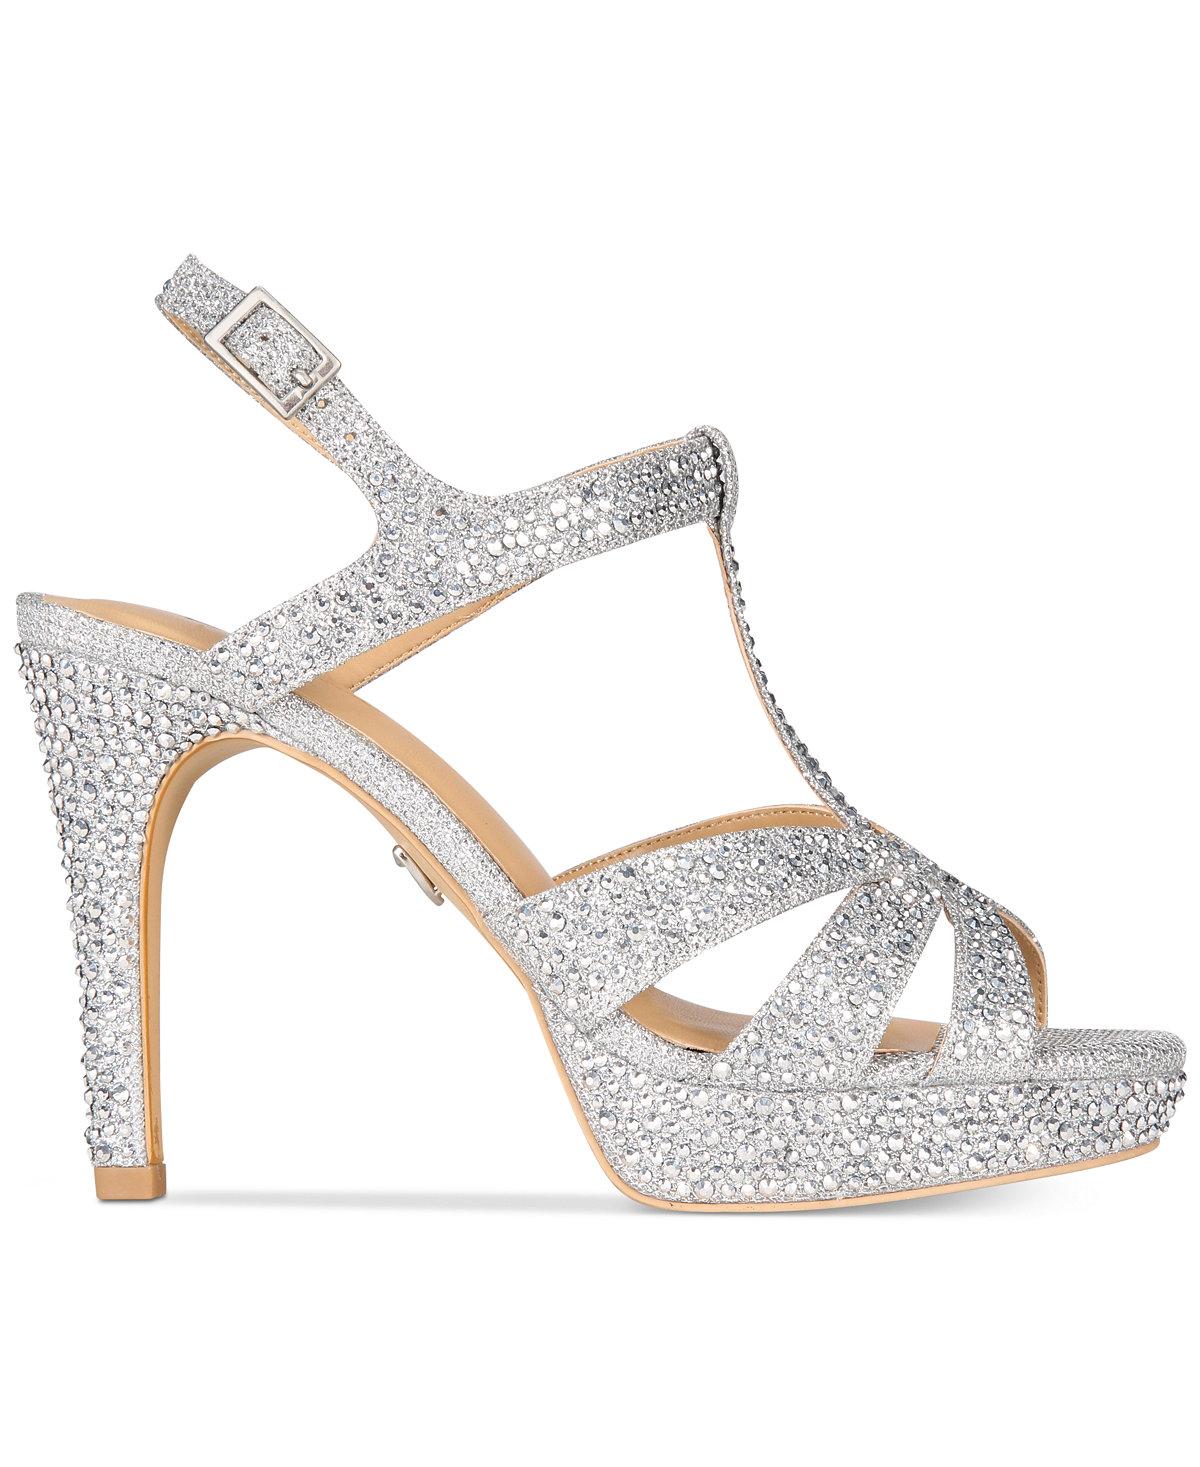 Thalia Sodi Womens Verrda Open Toe Special Occasion Slingback Silver Size 110